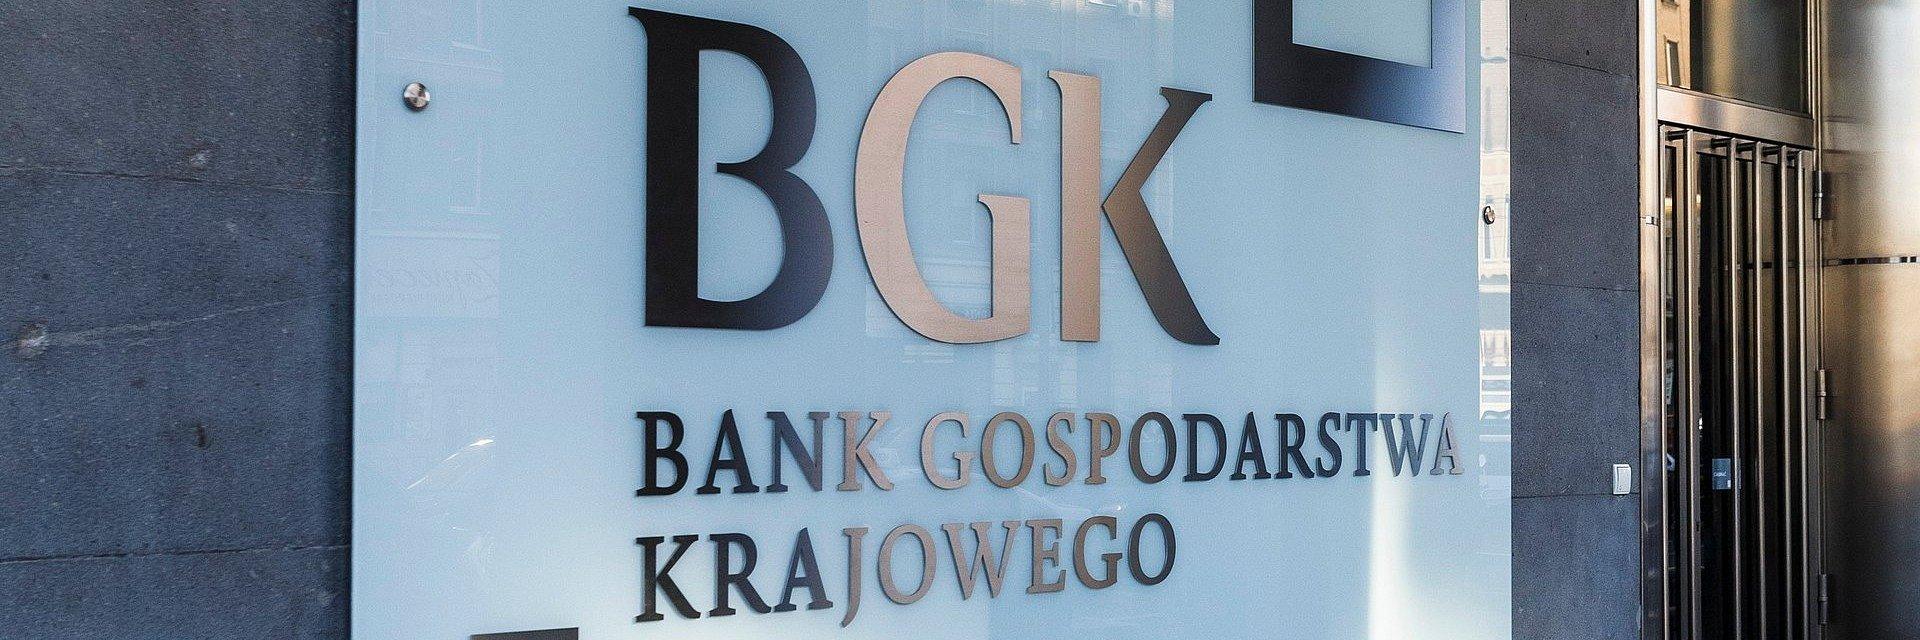 BGK – państwowy bank rozwoju – wygenerował w '19 prawie 90 mld zł wsparcia dla gospodarki